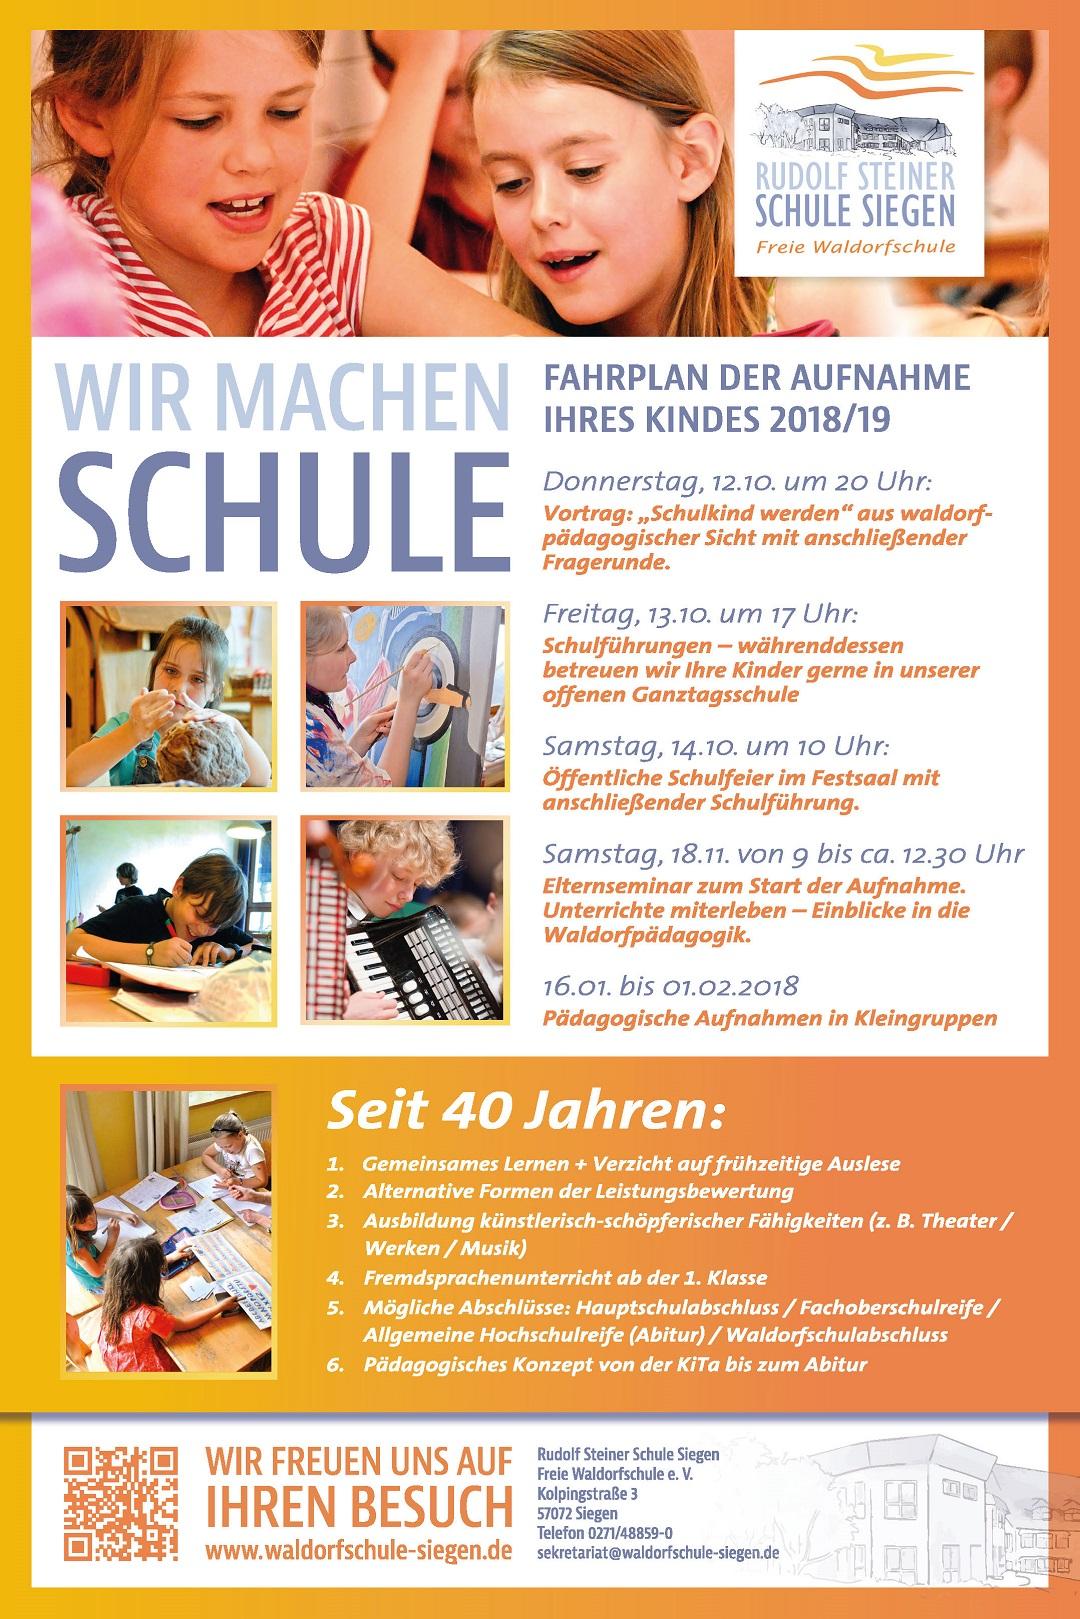 20170810_Einschulung_Anzeige_SWA_print